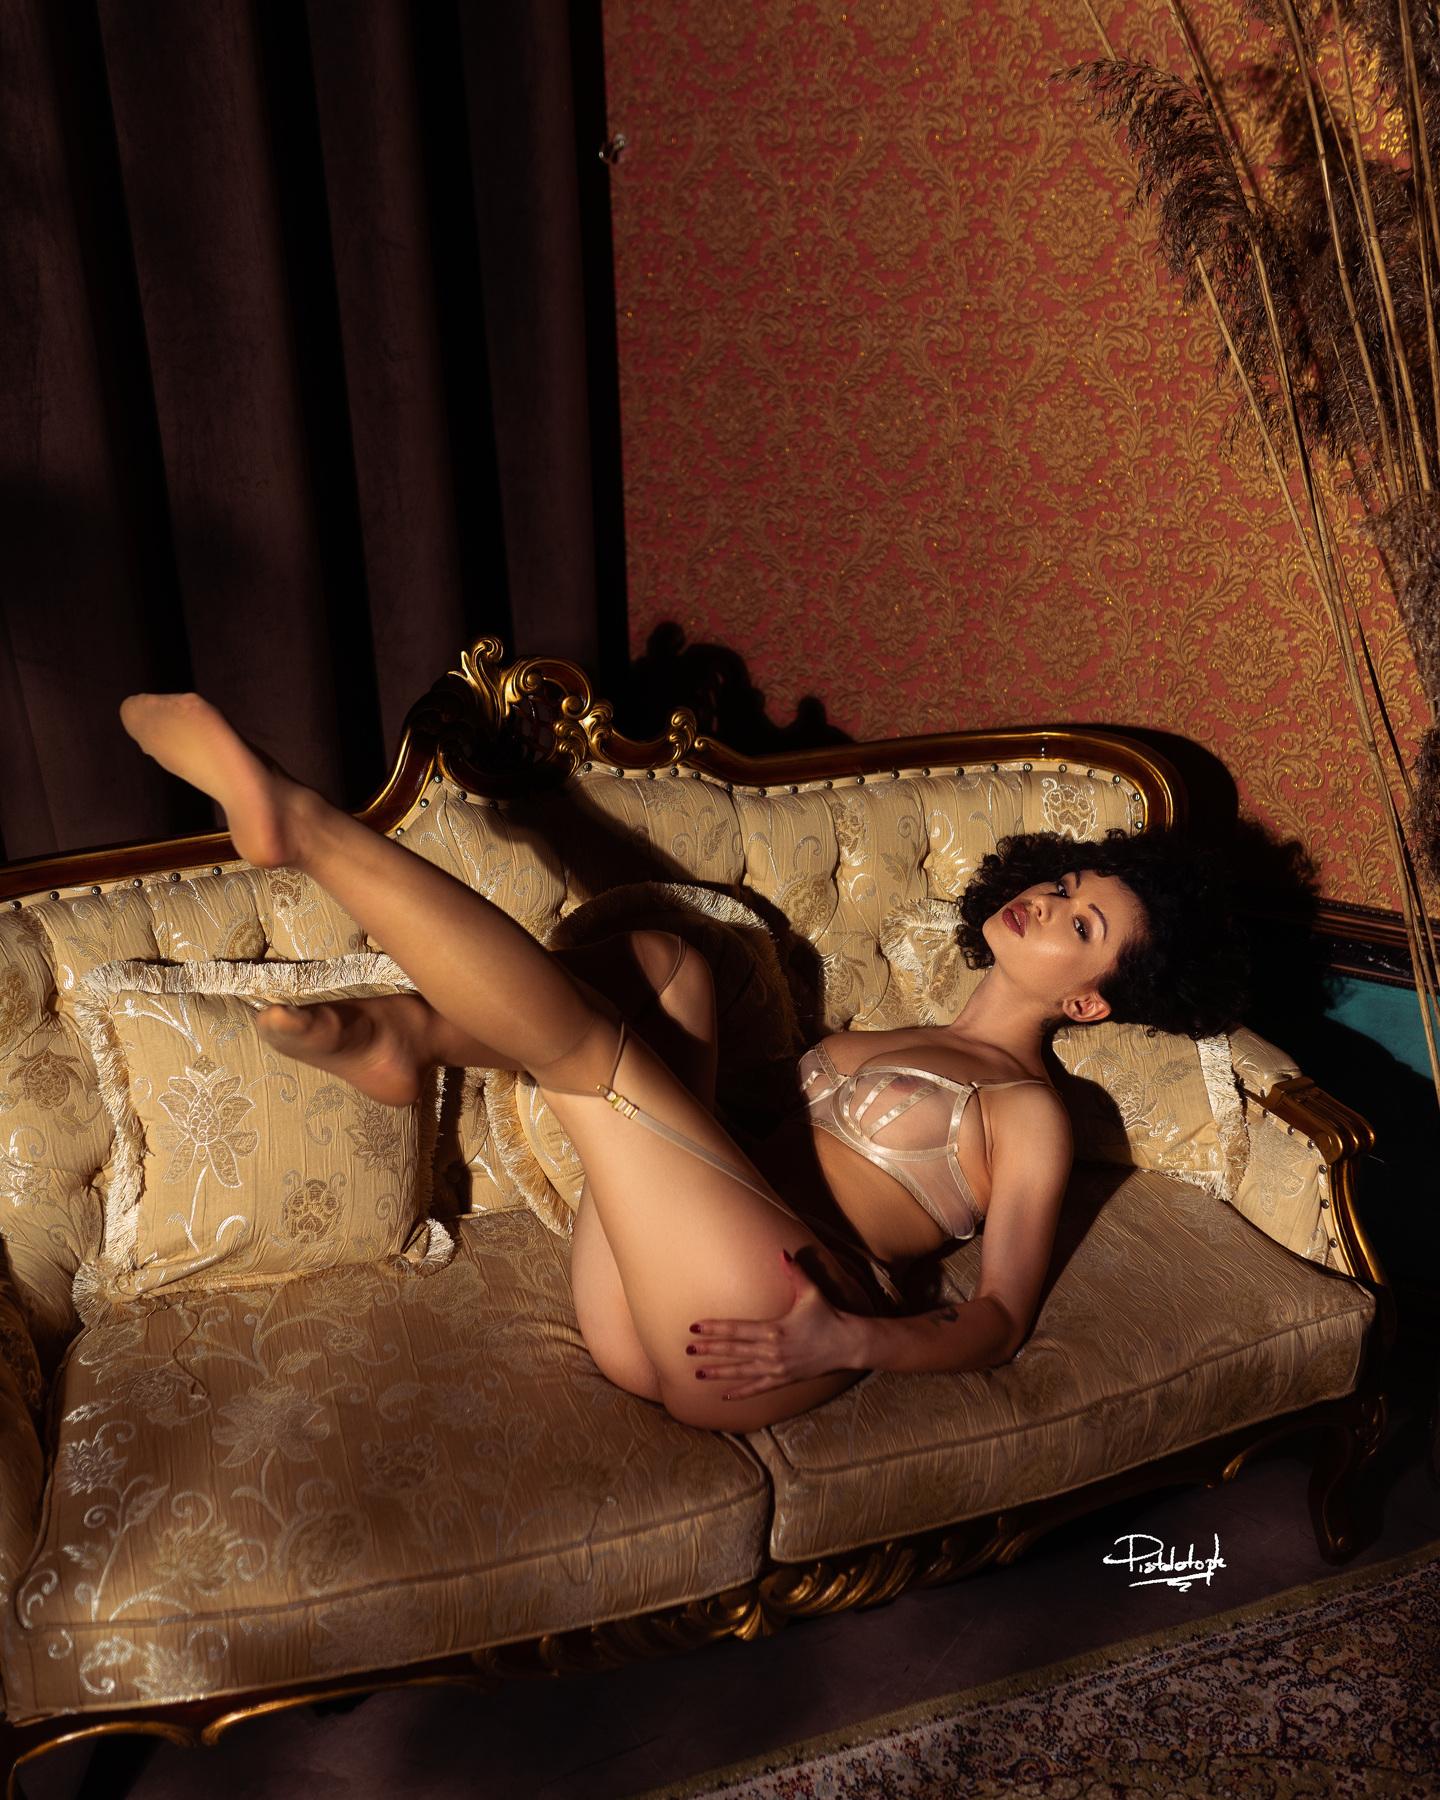 Stacy Bloom / фотограф Пистолетов Илья